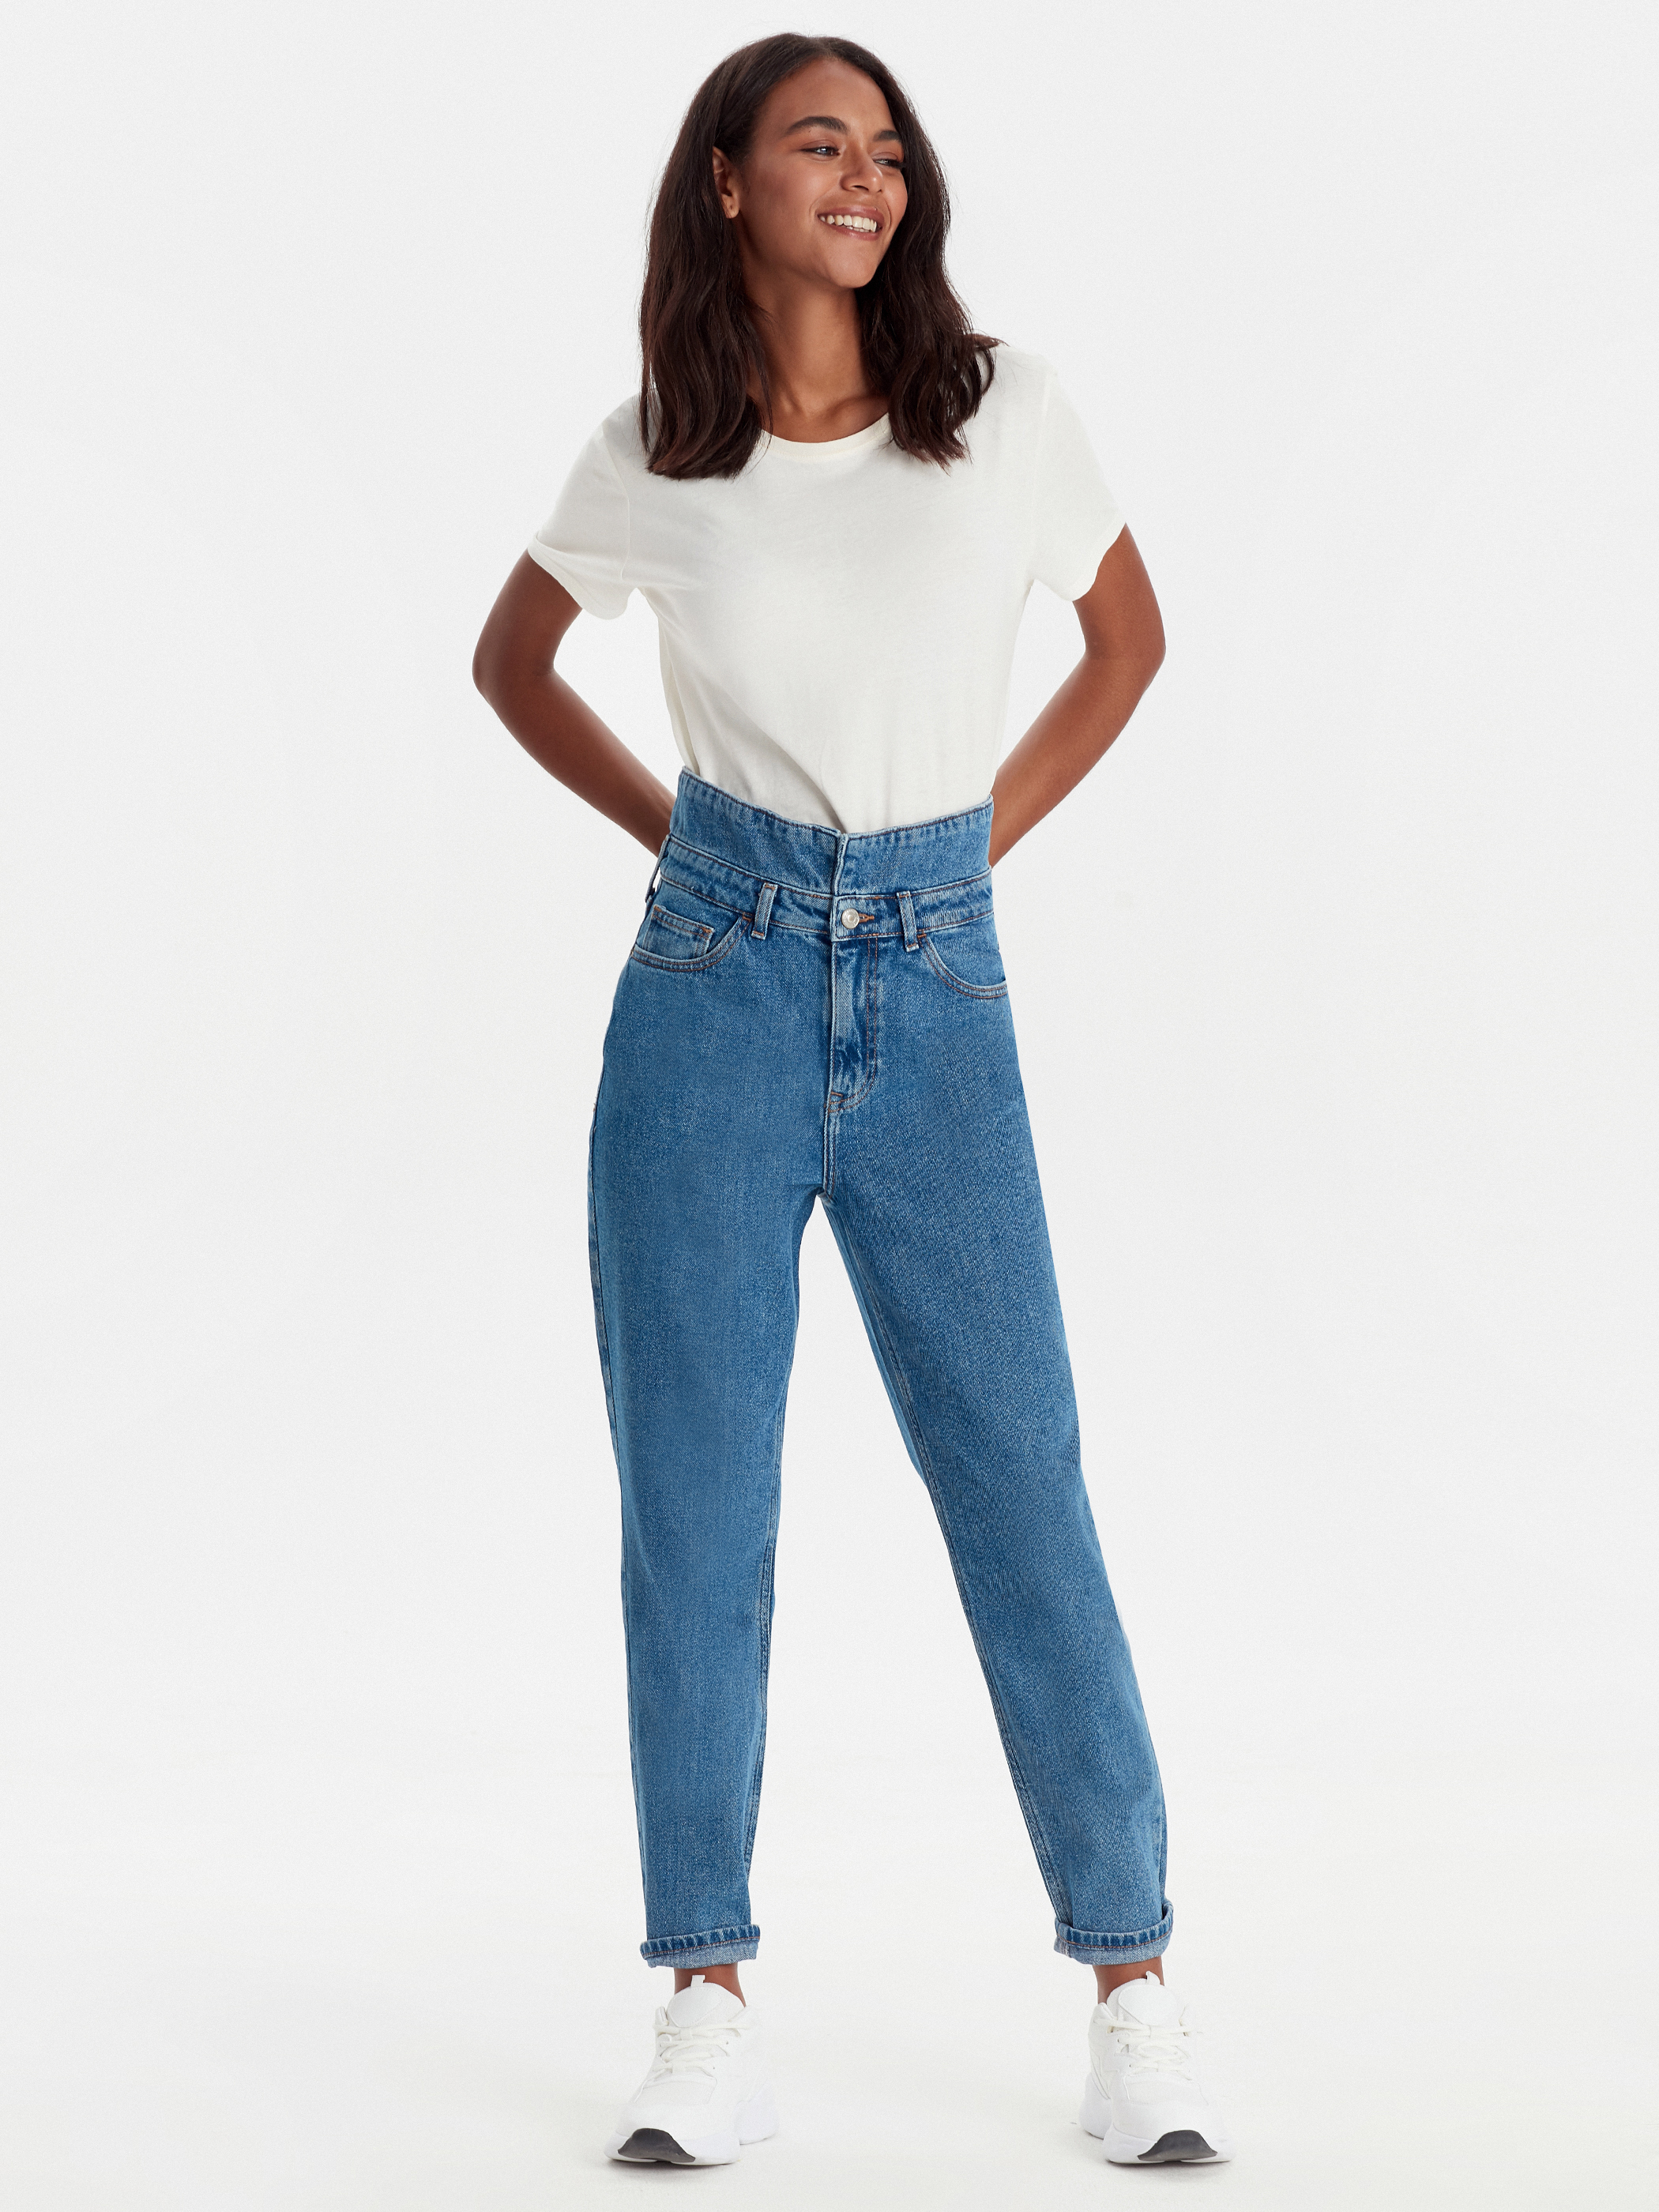 Mom jean pantolon modelleri 9 - yırtıkkotbayan siyahkot pantolonbayan yüksek belli mom jeanpantolon kot pantolonmavi kot pantolonmarkaları kot pantolonbayan mavi grikot pantolonbayan 2 adet bayankot pantolonsadece 19tl